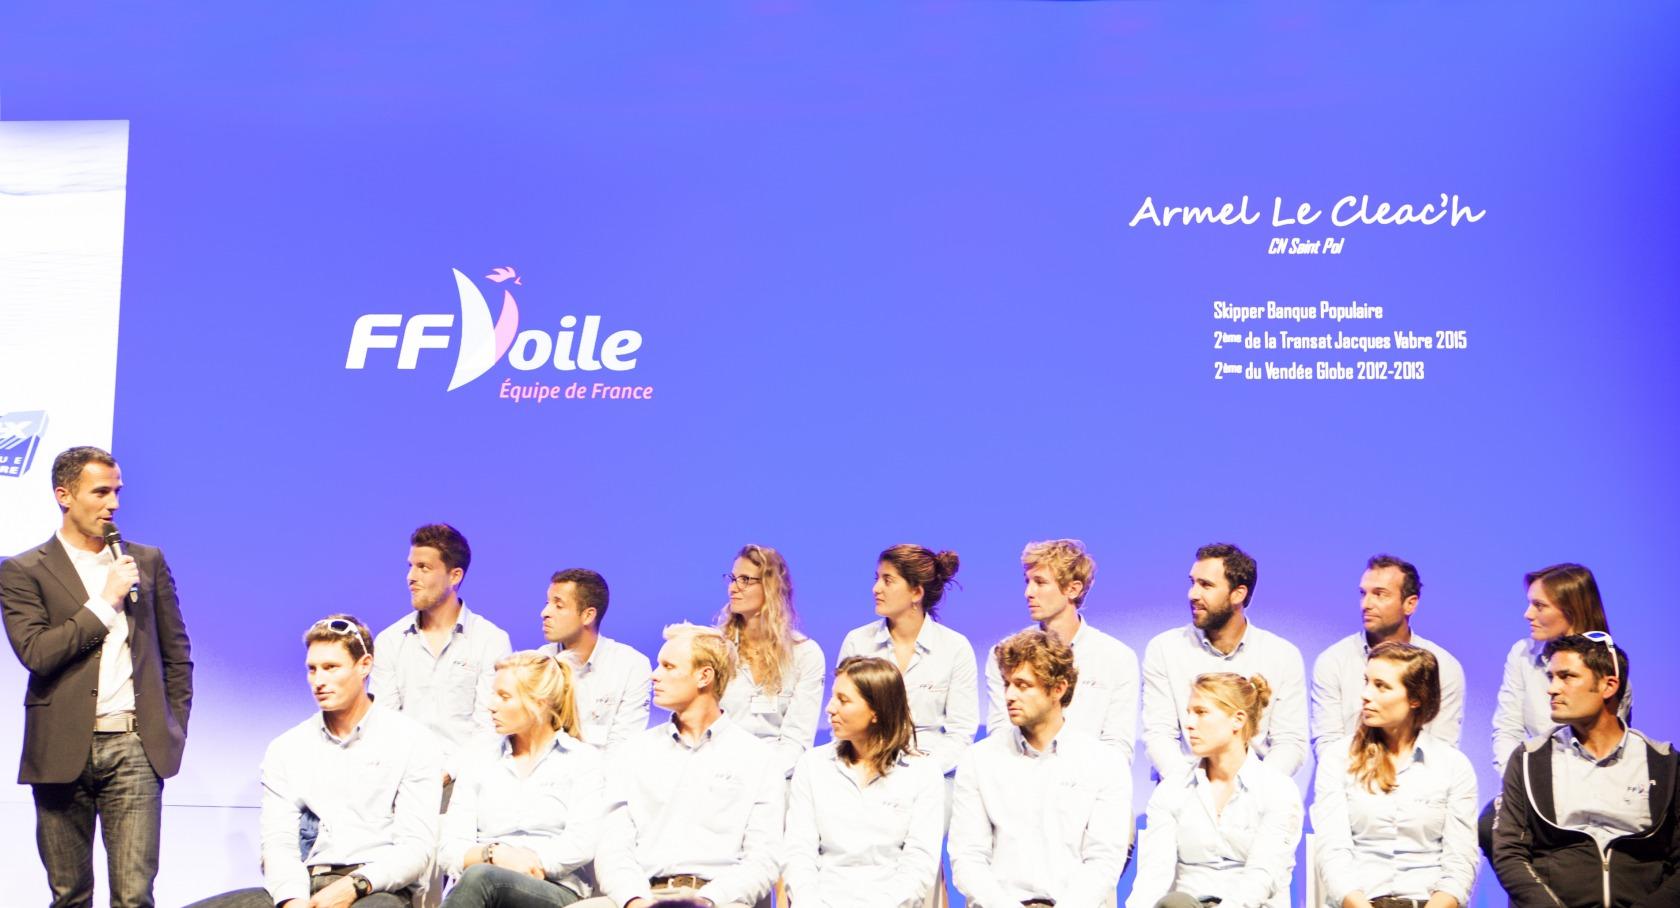 Actualit s armel le cl ac h rio pour soutenir l equipe de france de voile olympique vend e - Armel le cleac h banque populaire ...